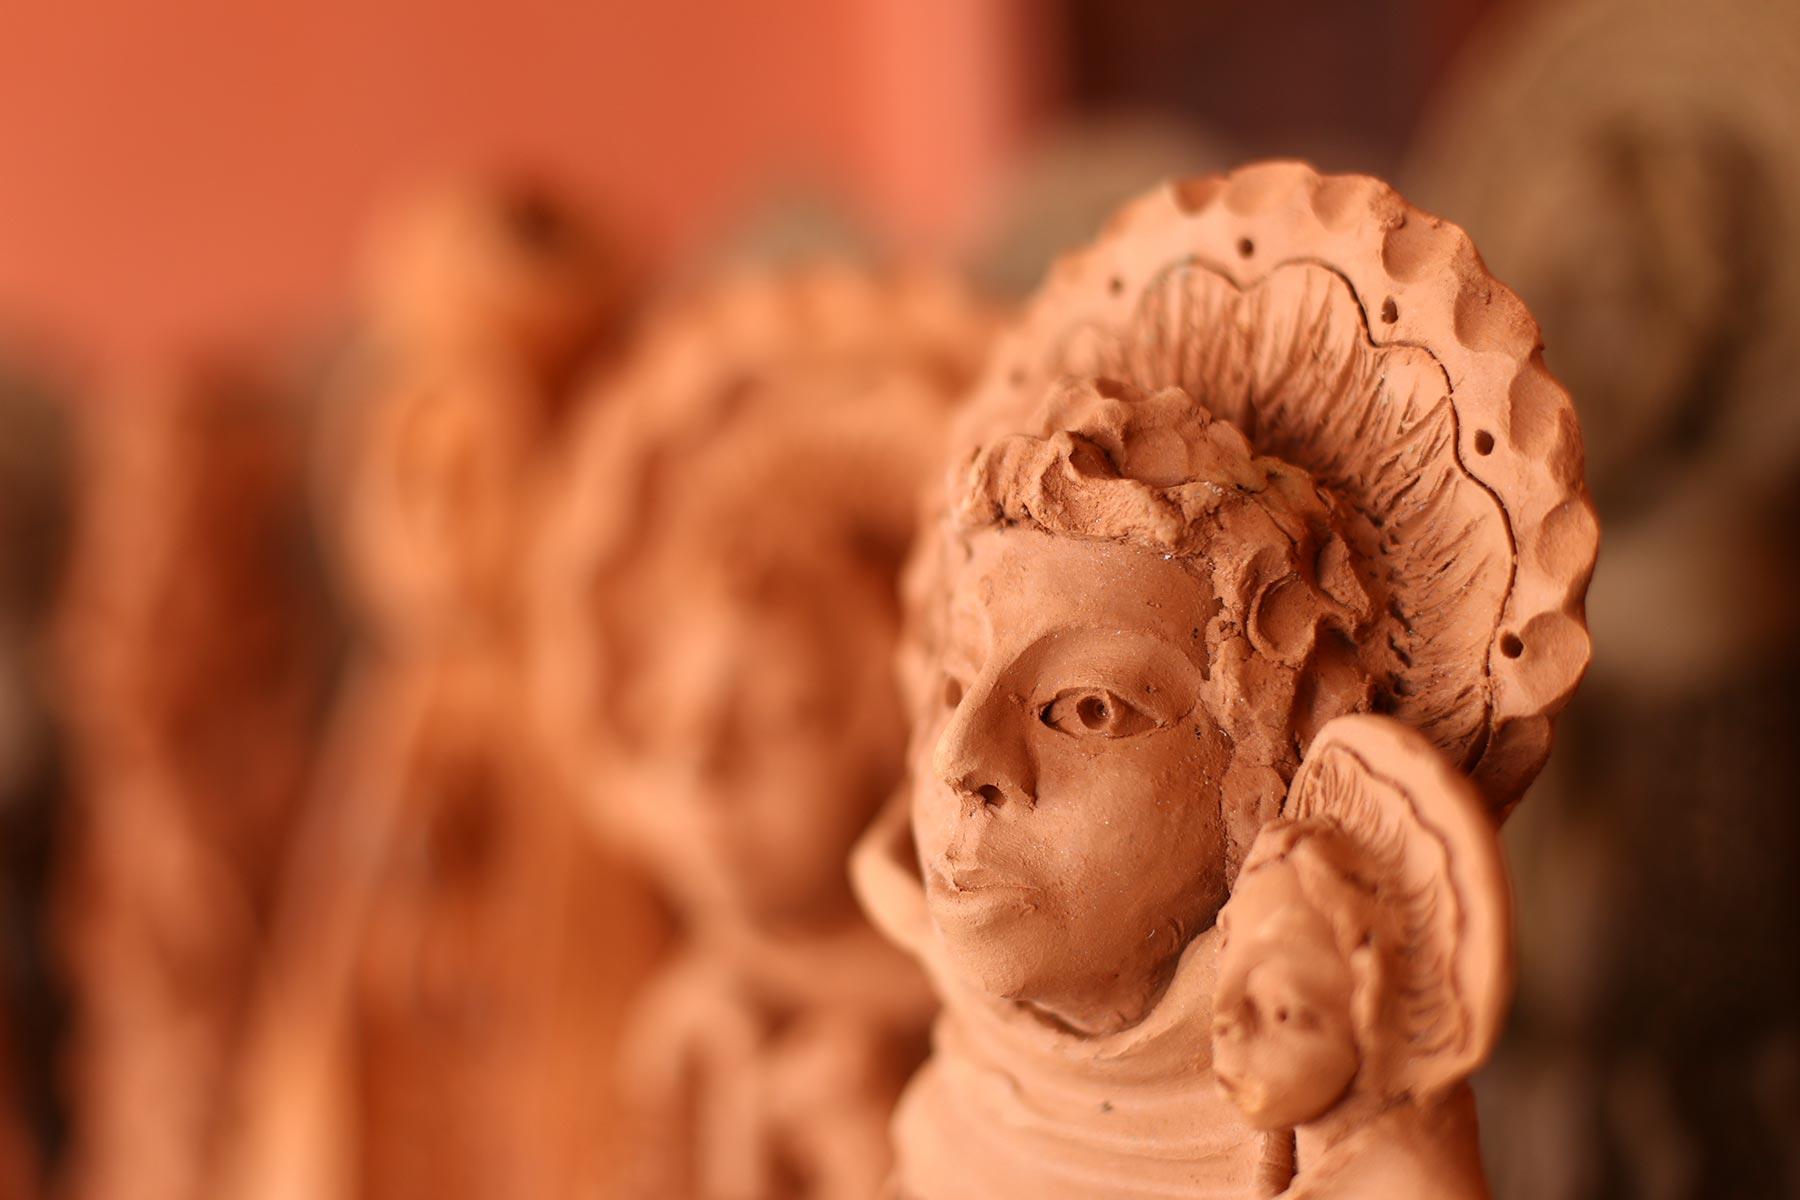 Segundo Mestre Zuza, o esplendor dos santos, localizado acima da cabeça, tem referências do cocar dos índios e dos maracatus da Zona da Mata